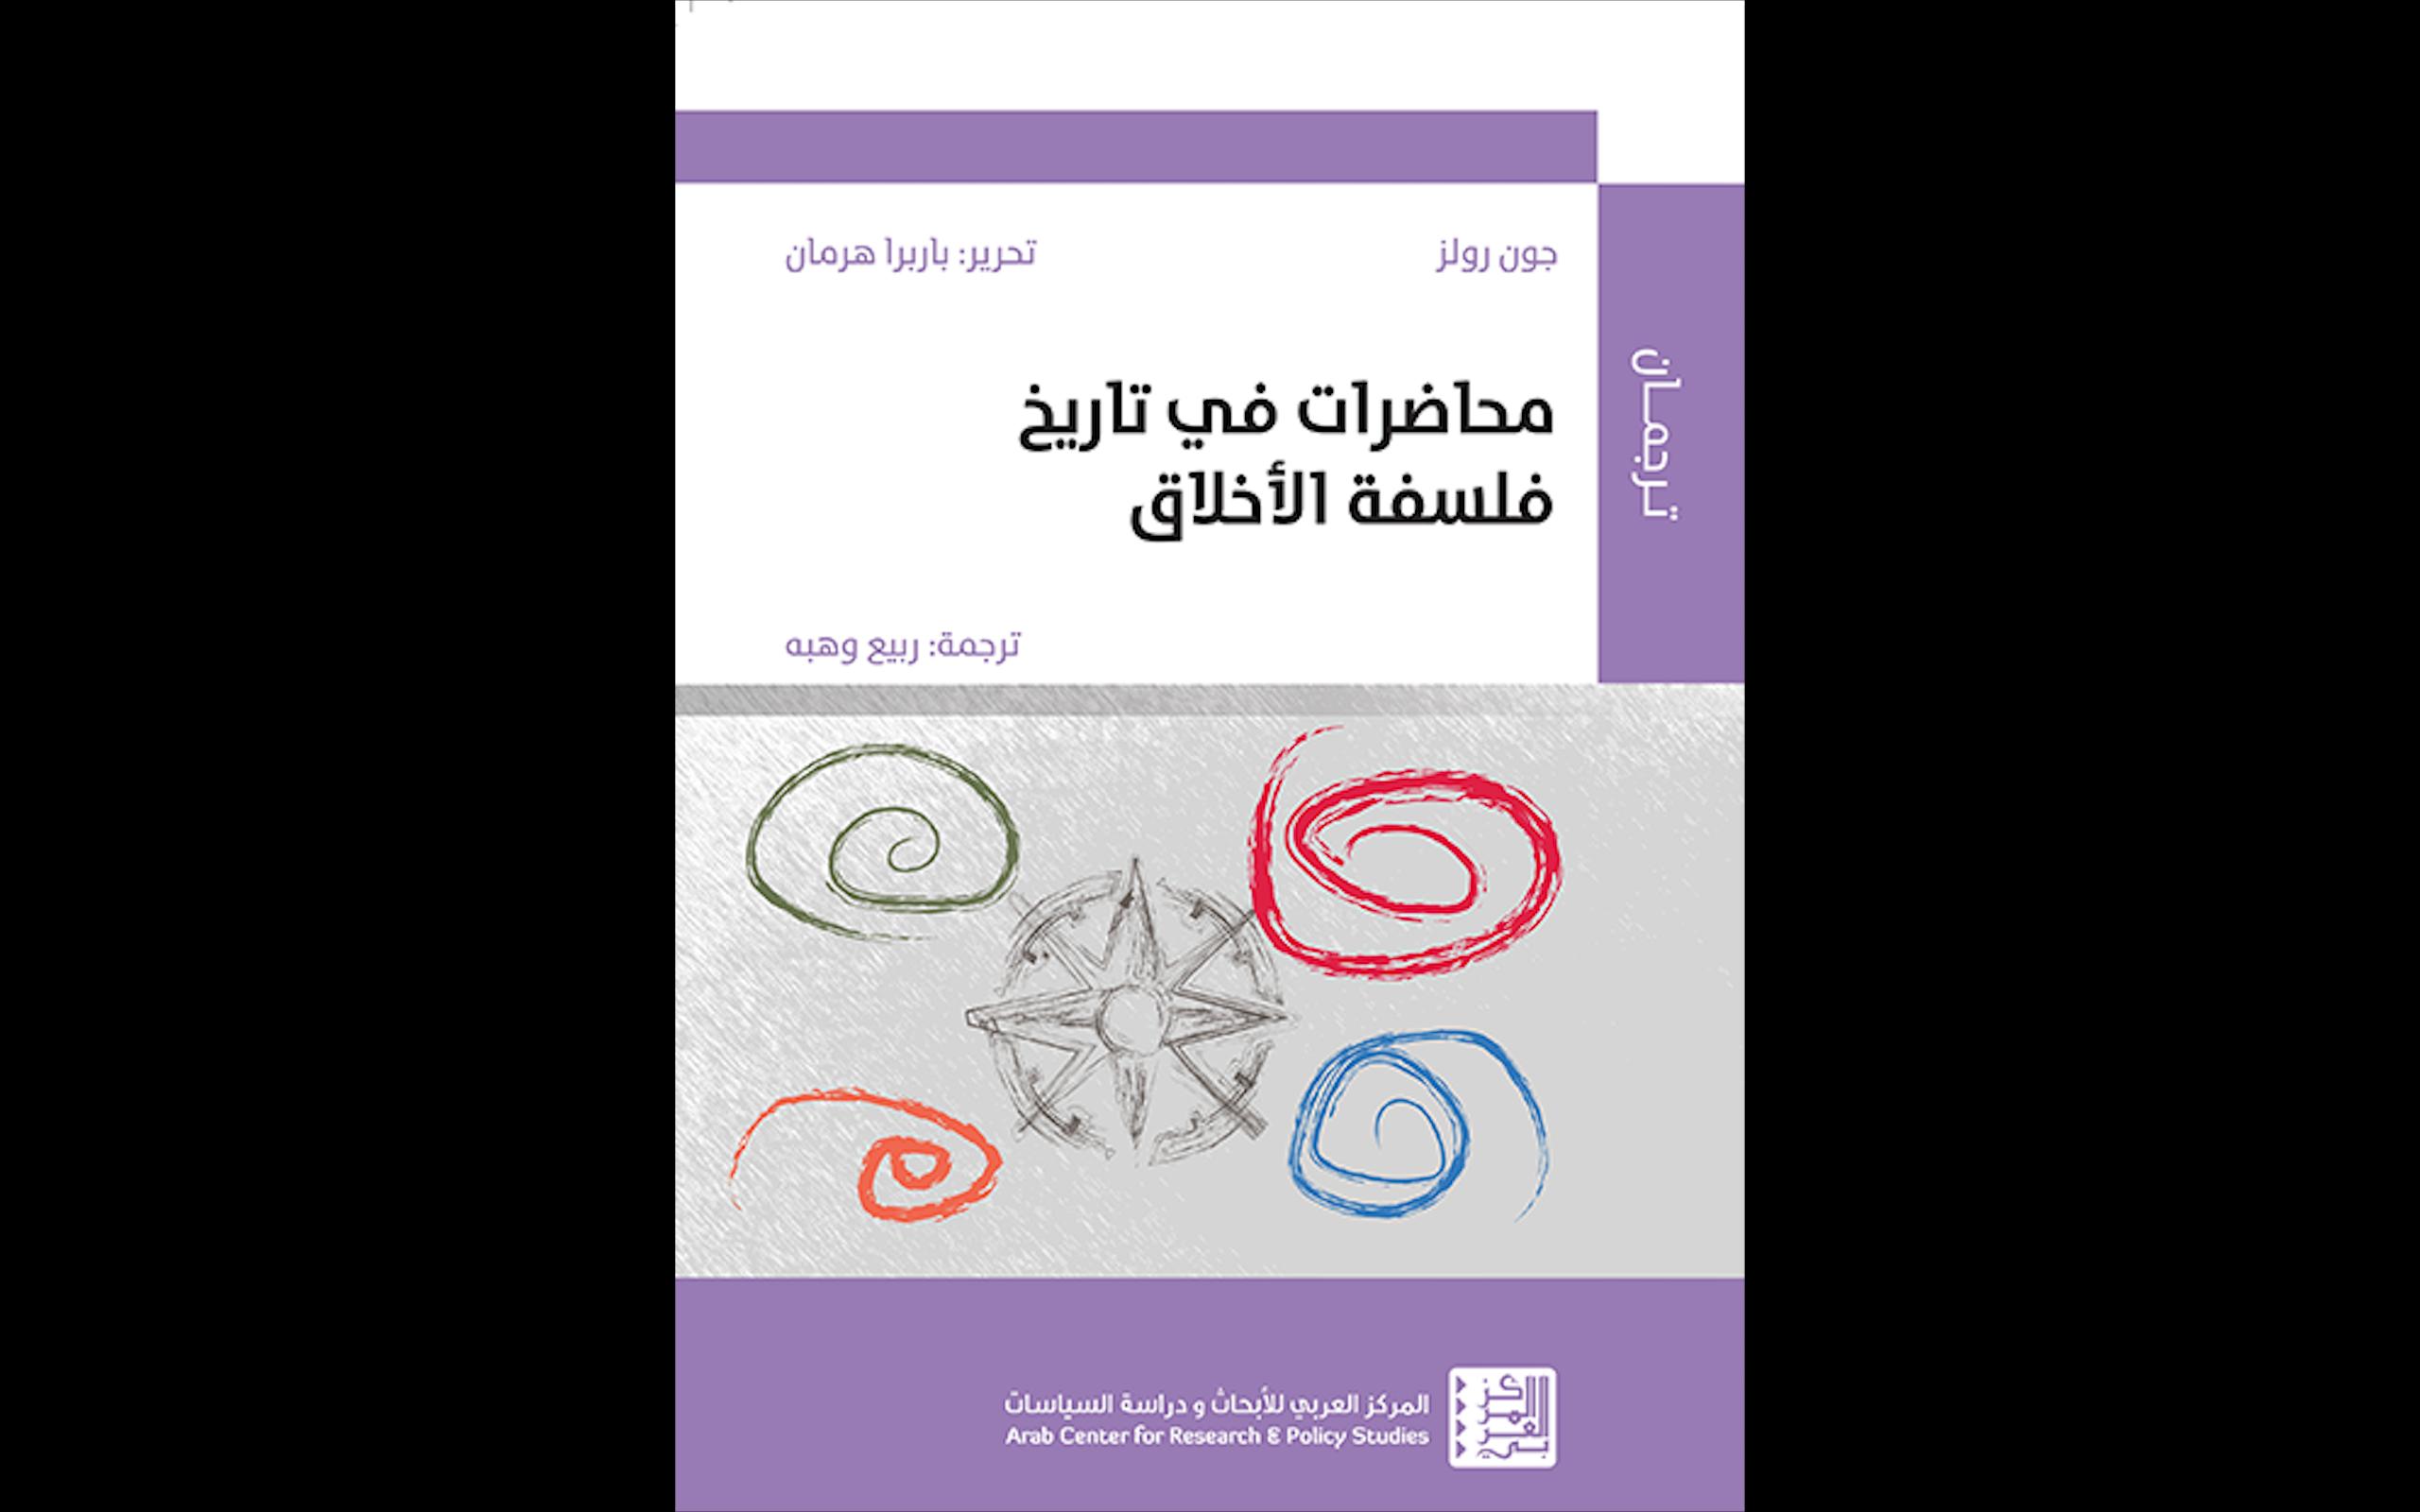 «محاضرات في تاريخ فلسفة الأخلاق» عن المركز العربي للأبحاث ودراسة السياسات